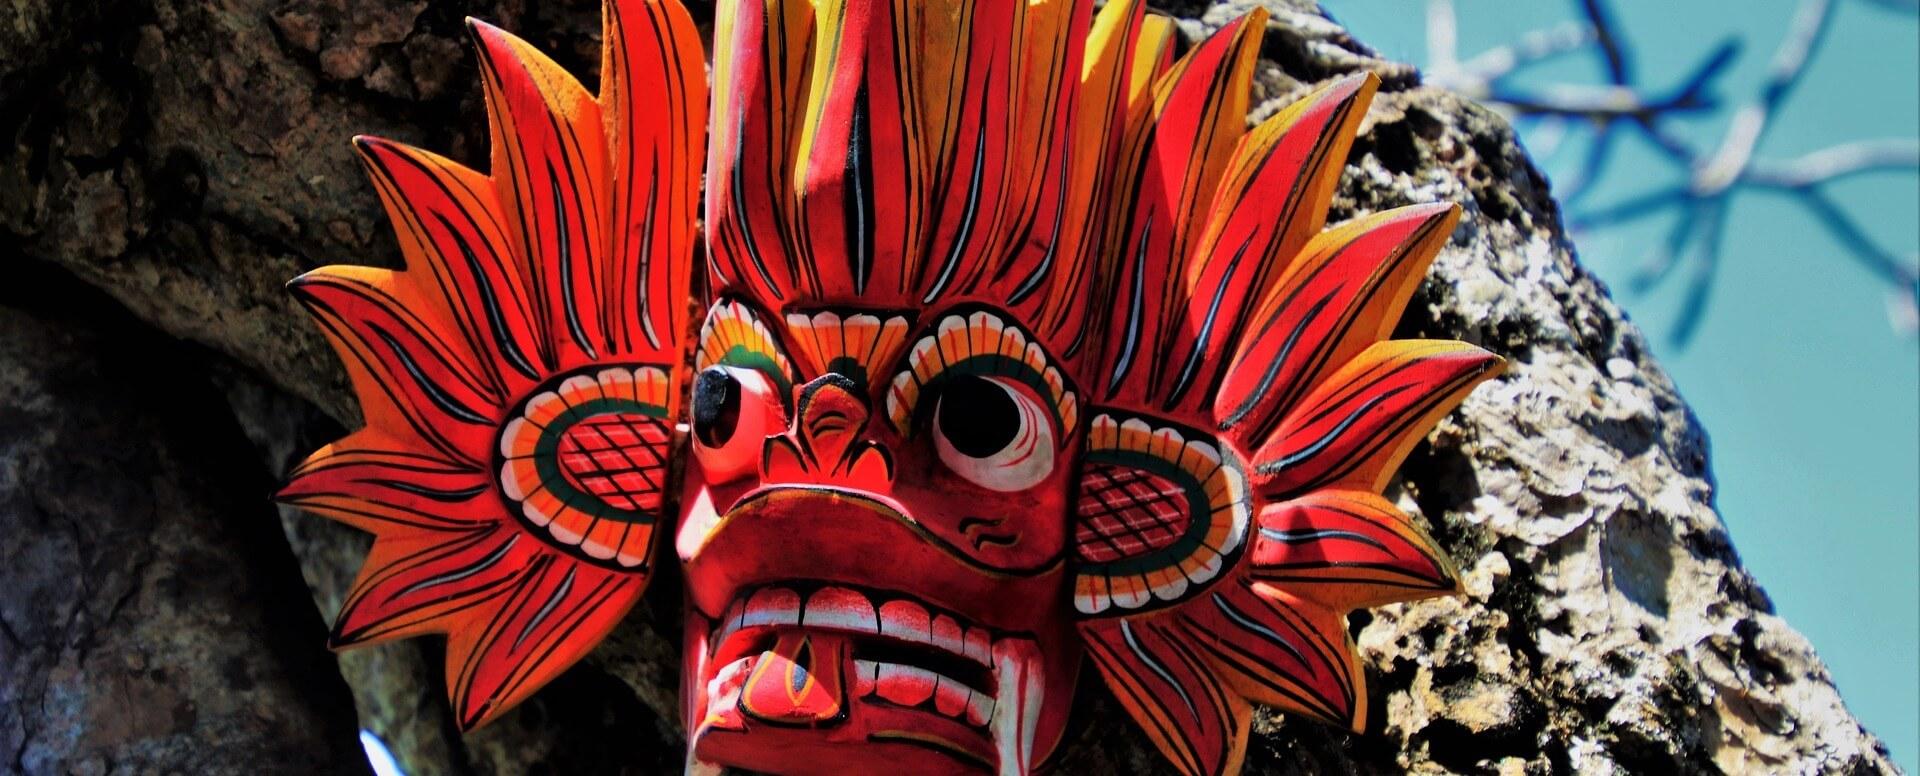 Ariyapala Mask Museum - Sri Lanka